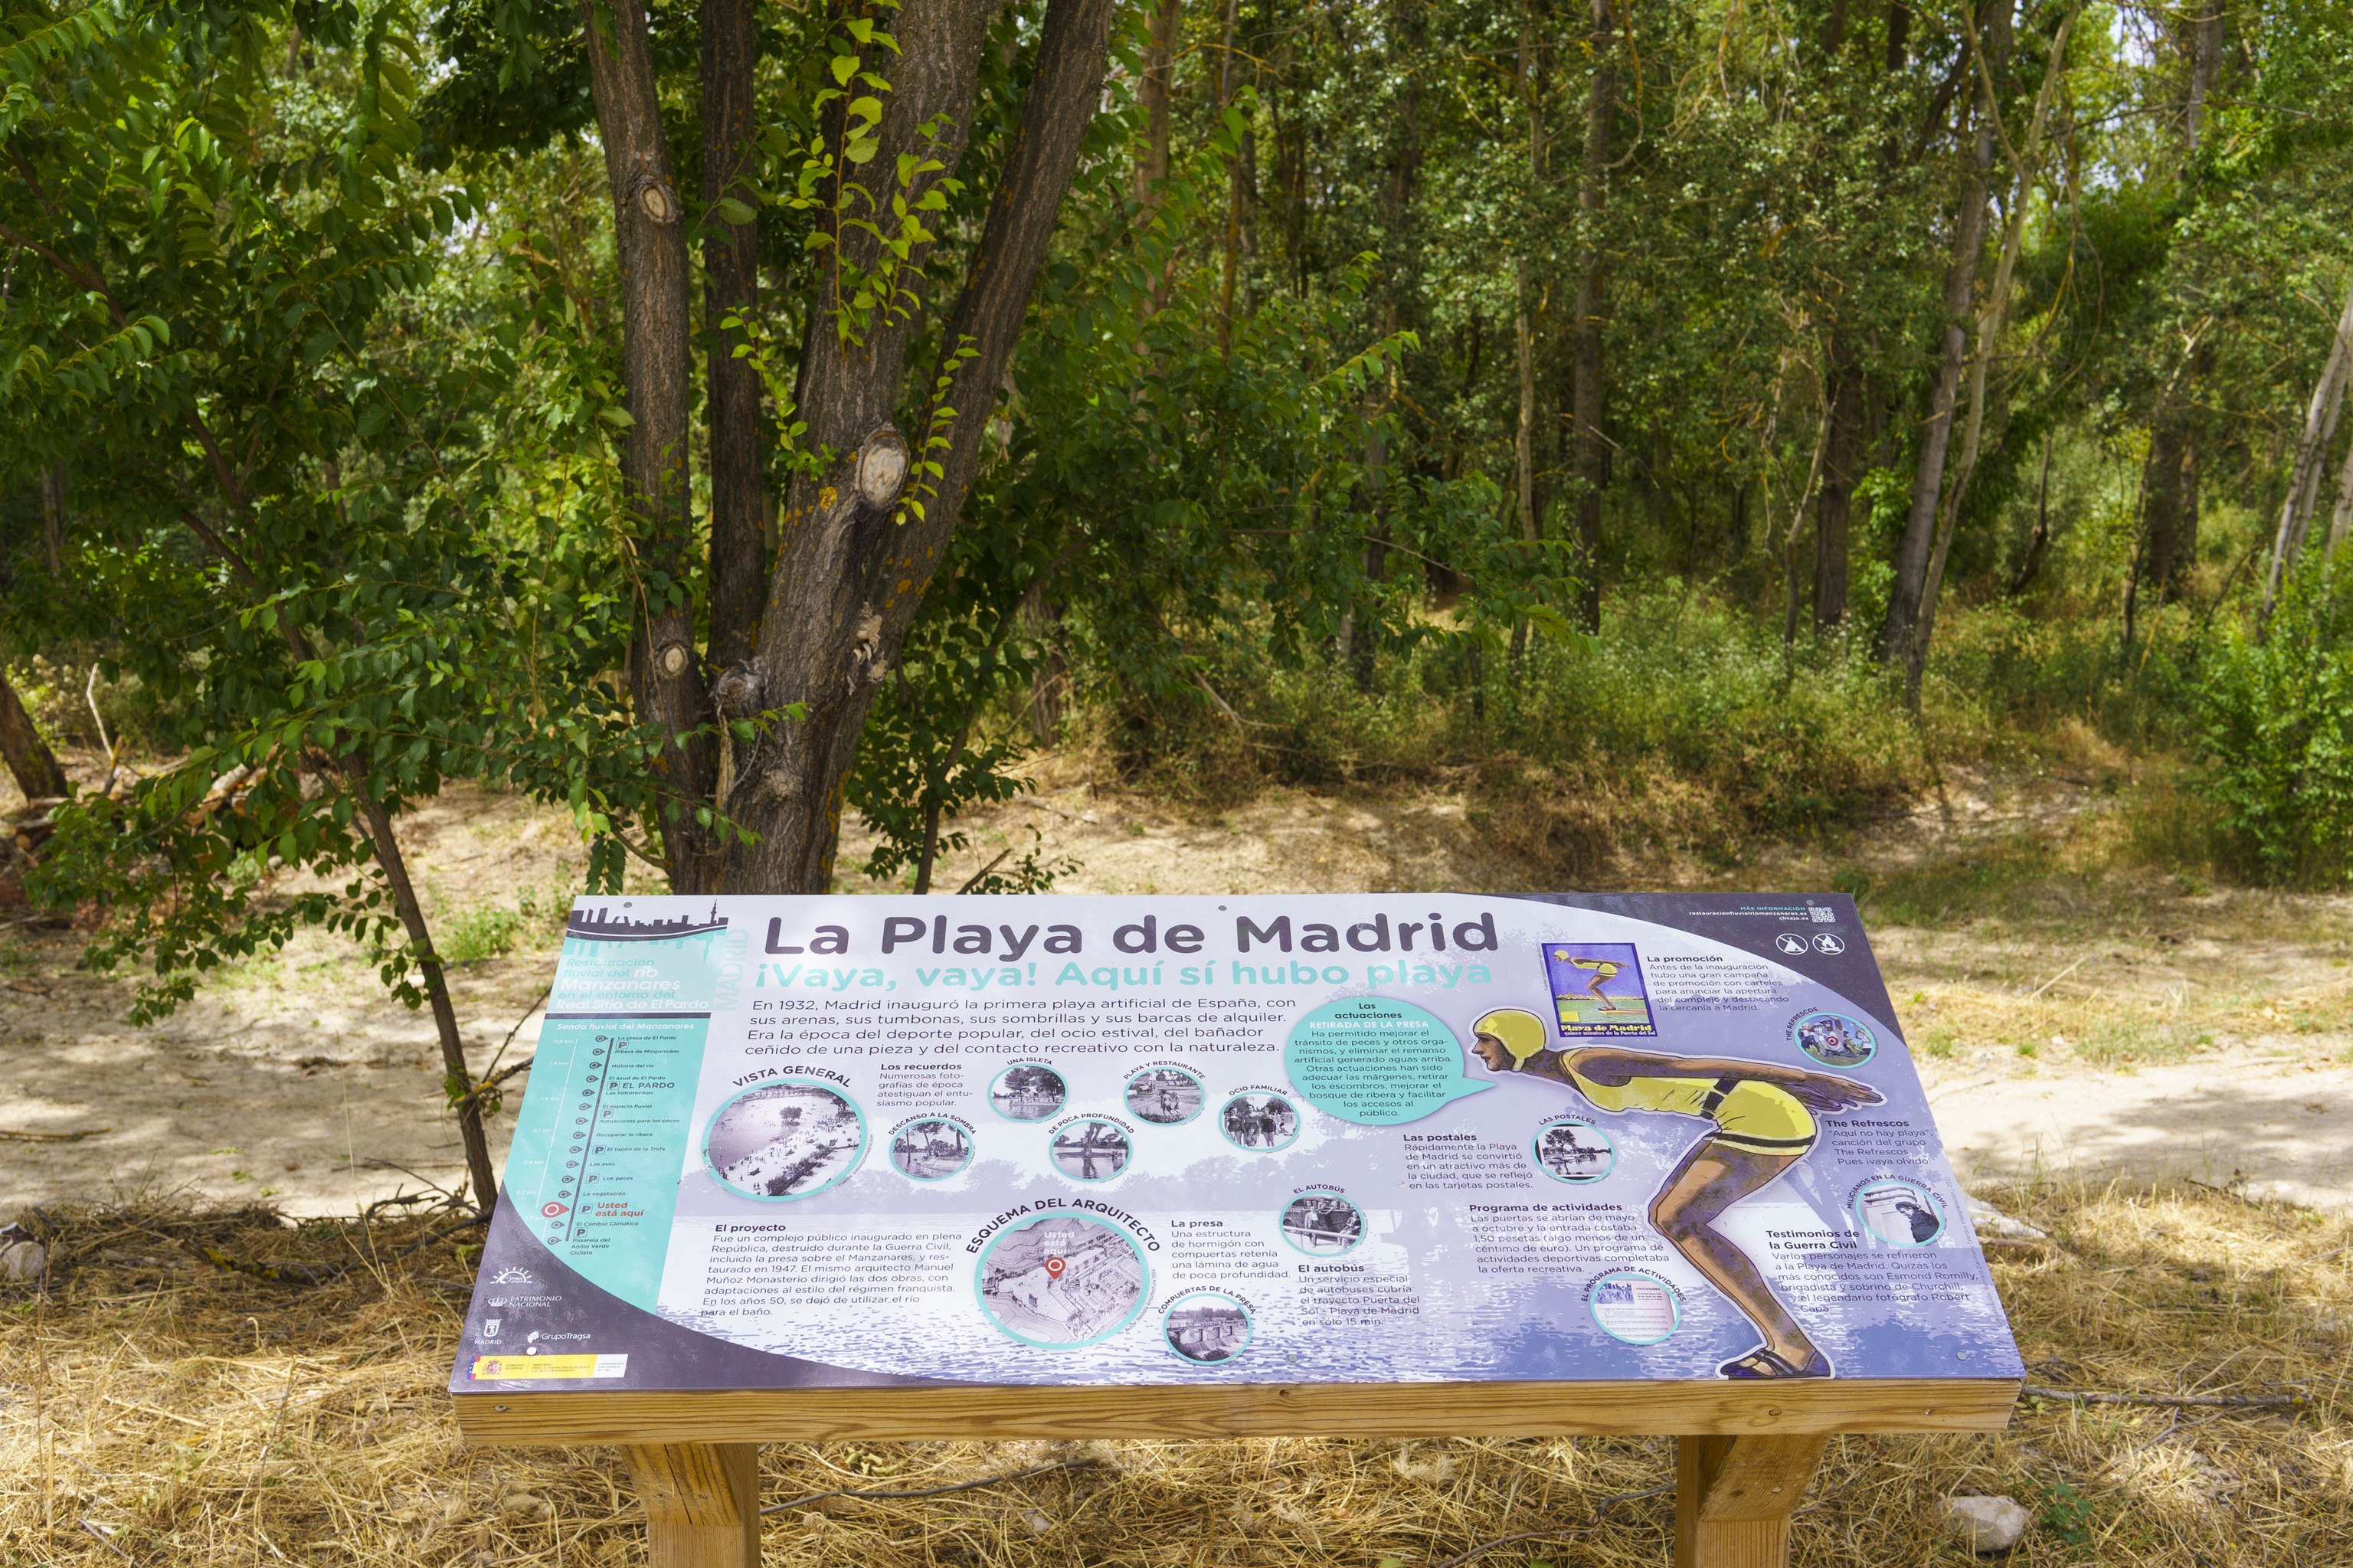 Lugar donde estuvo la Playa de Madrid.